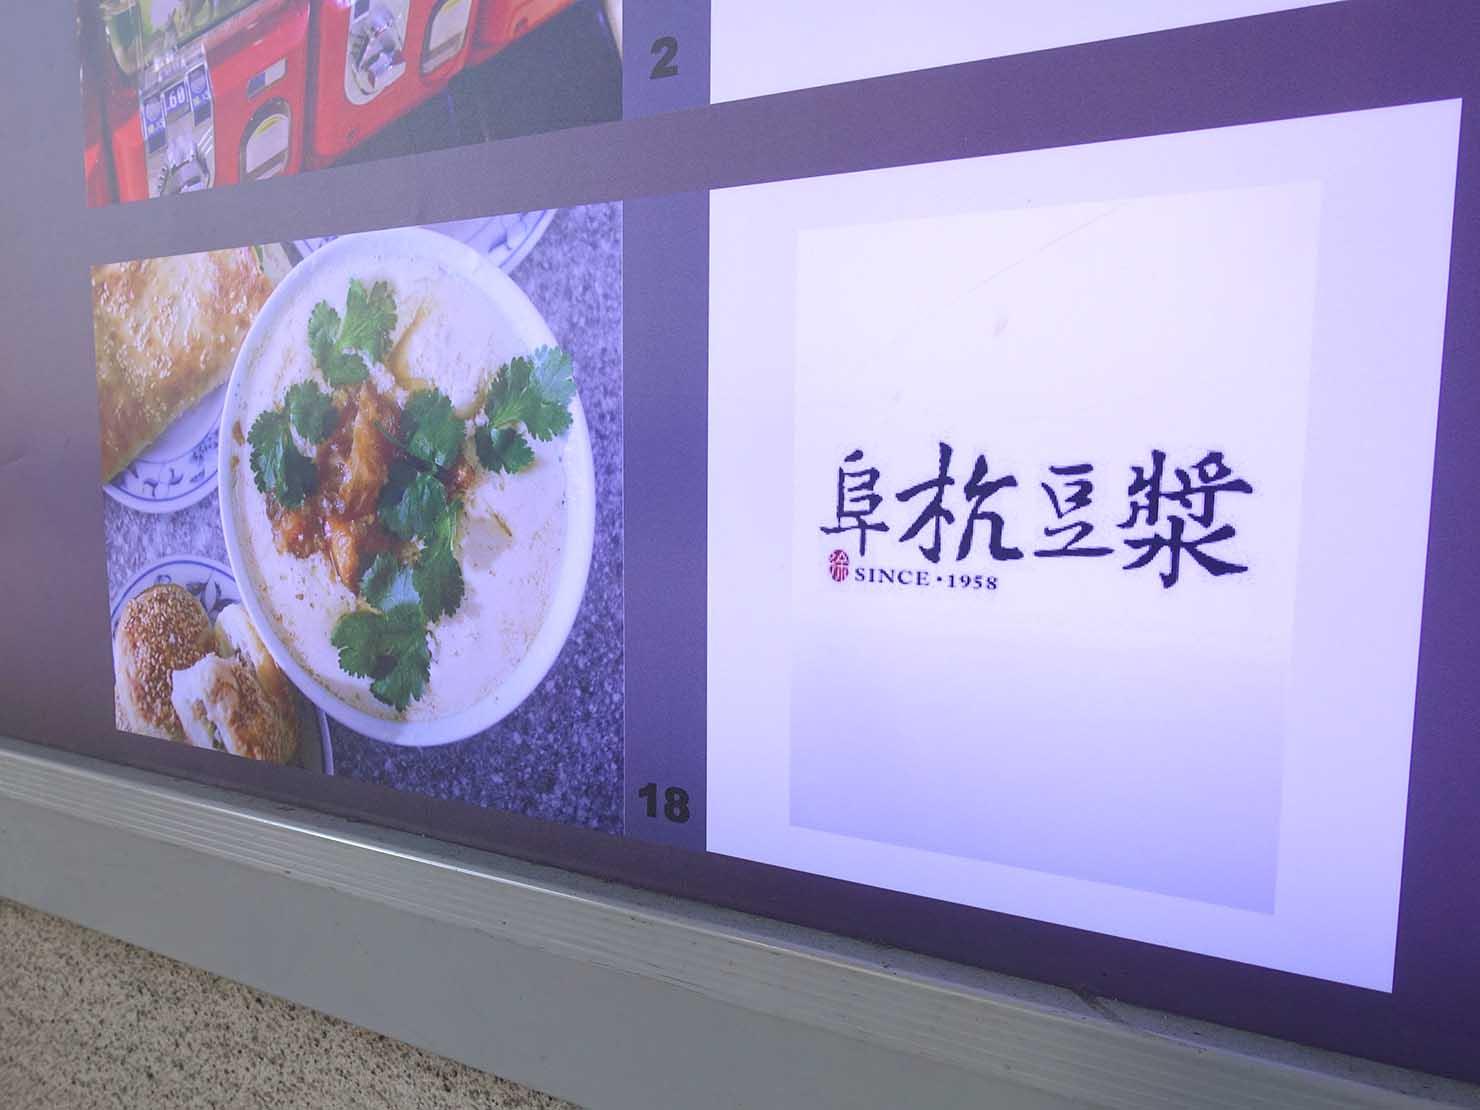 台北・善導寺のおすすめグルメ店「阜杭豆漿」の看板